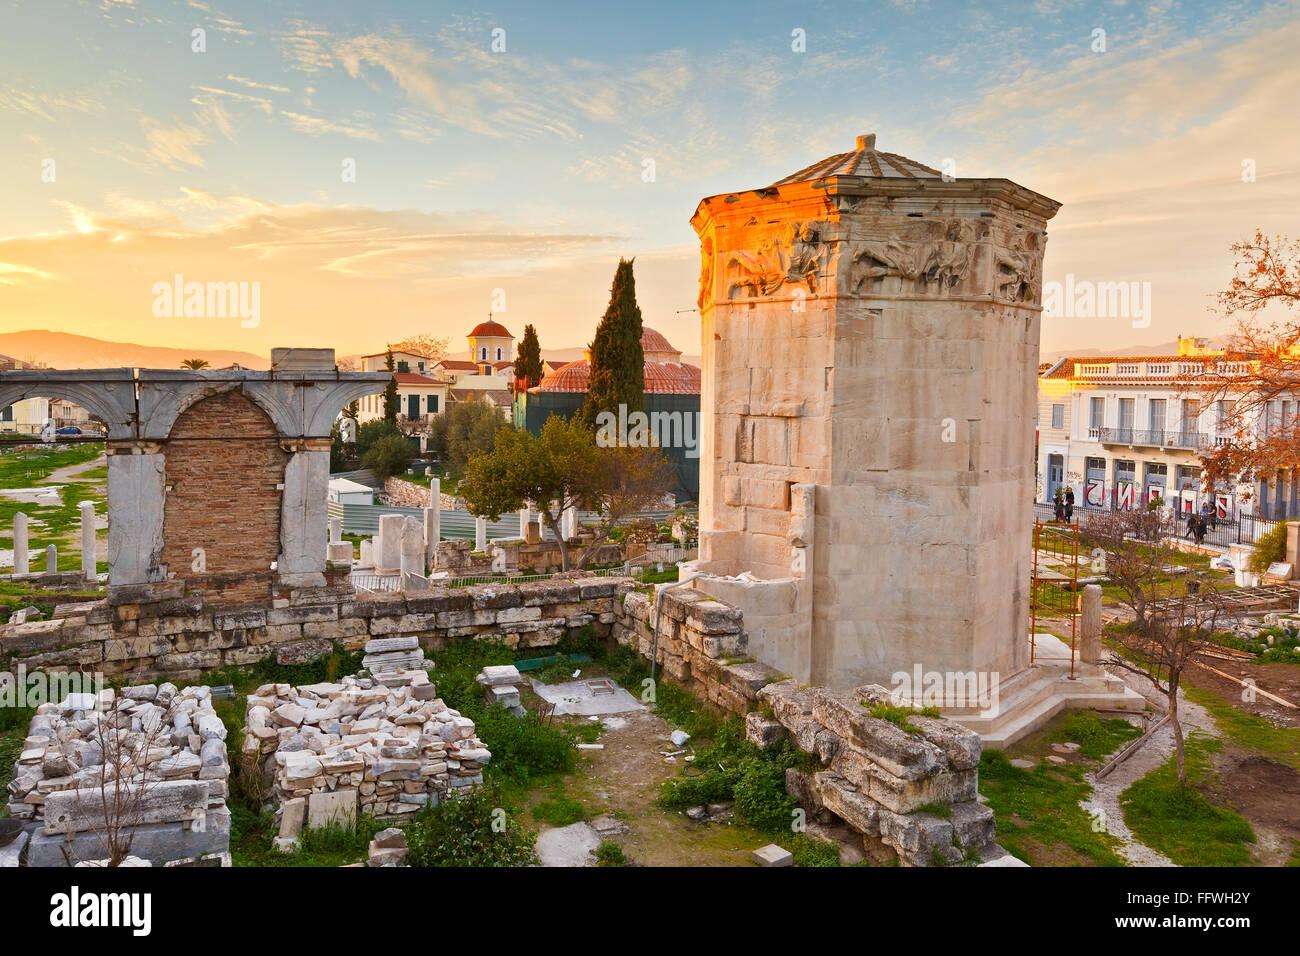 Reste der römischen Agora und Turm der Winde in Athen. Stockbild